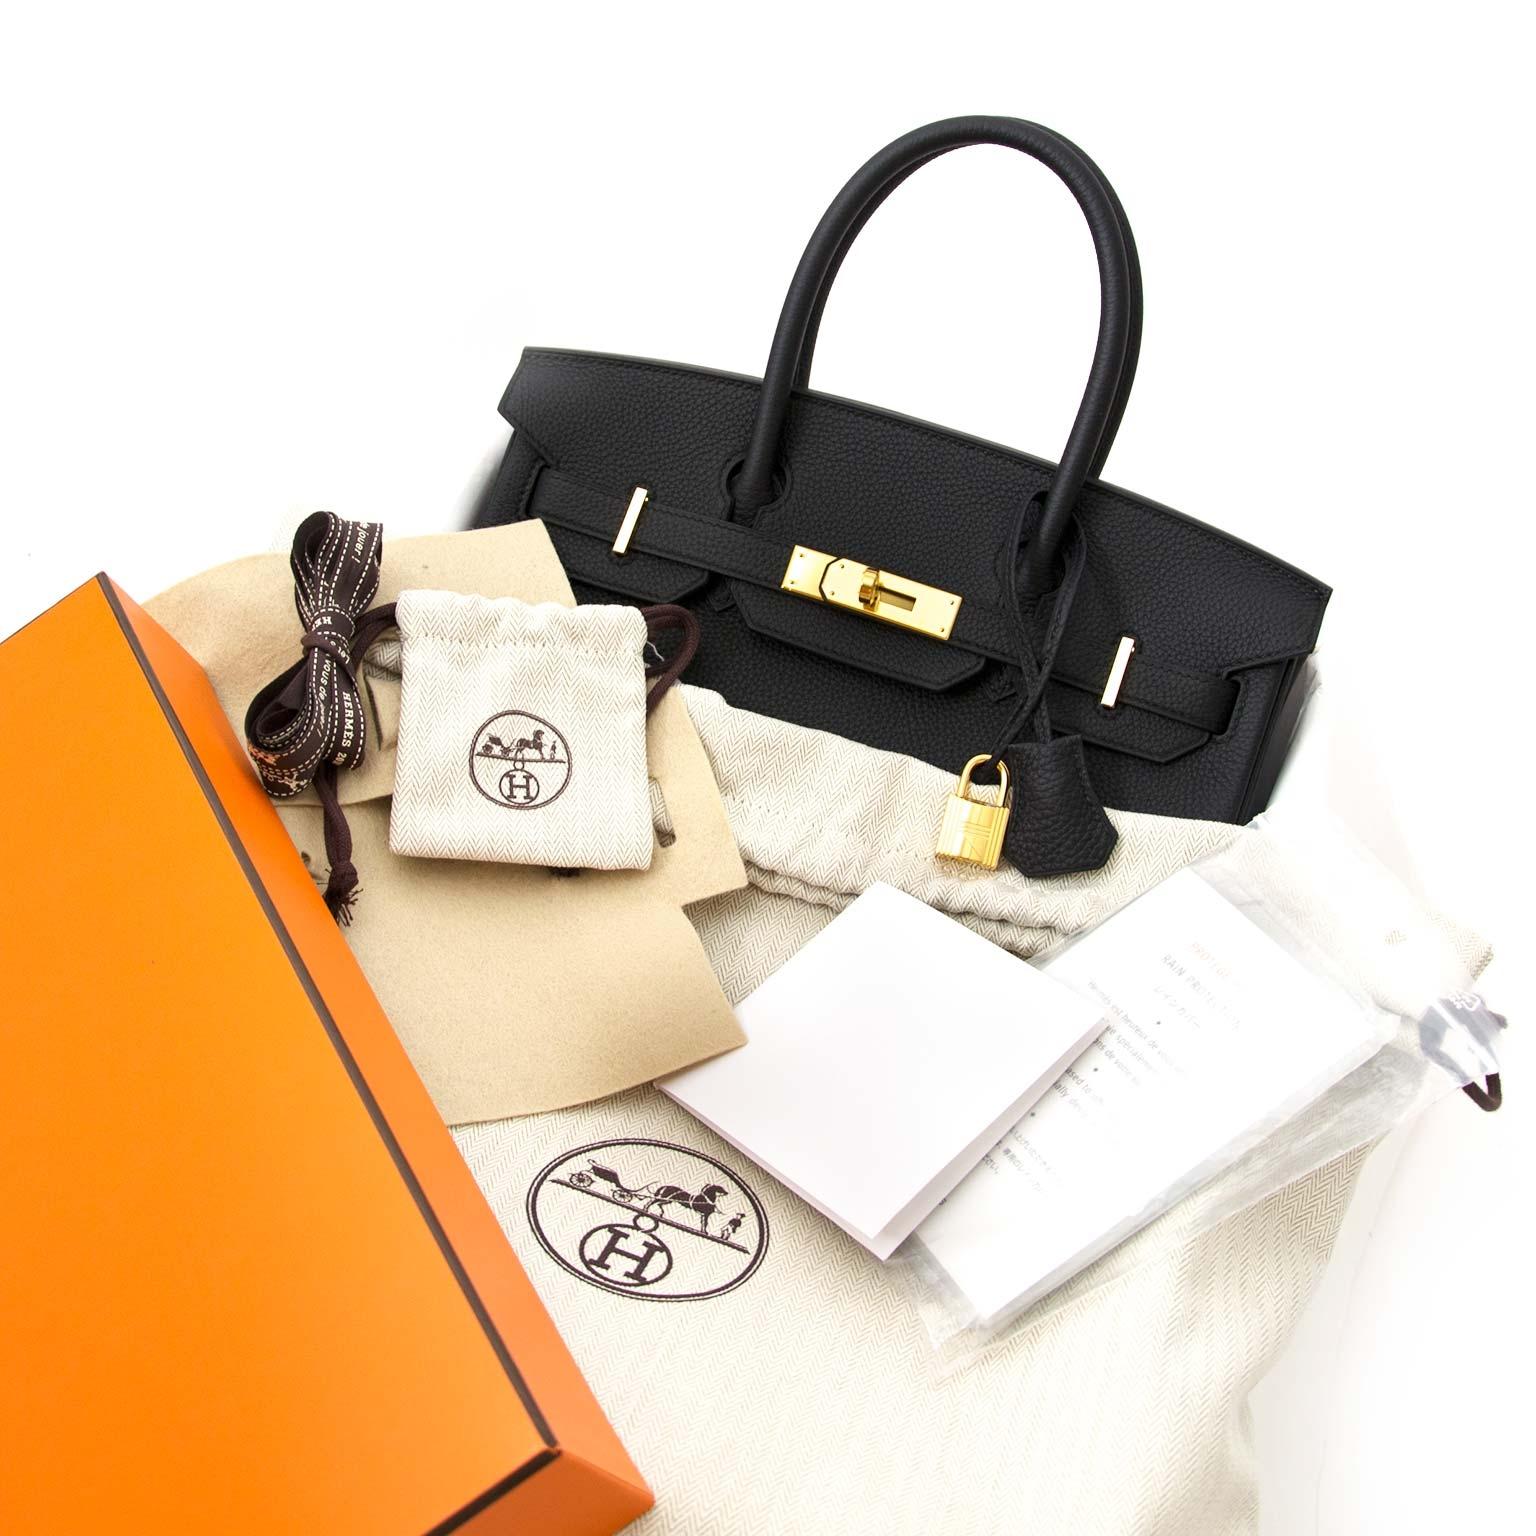 shop safe and secure online at labellov.com Hermès Birkin 30 Black Togo GHW